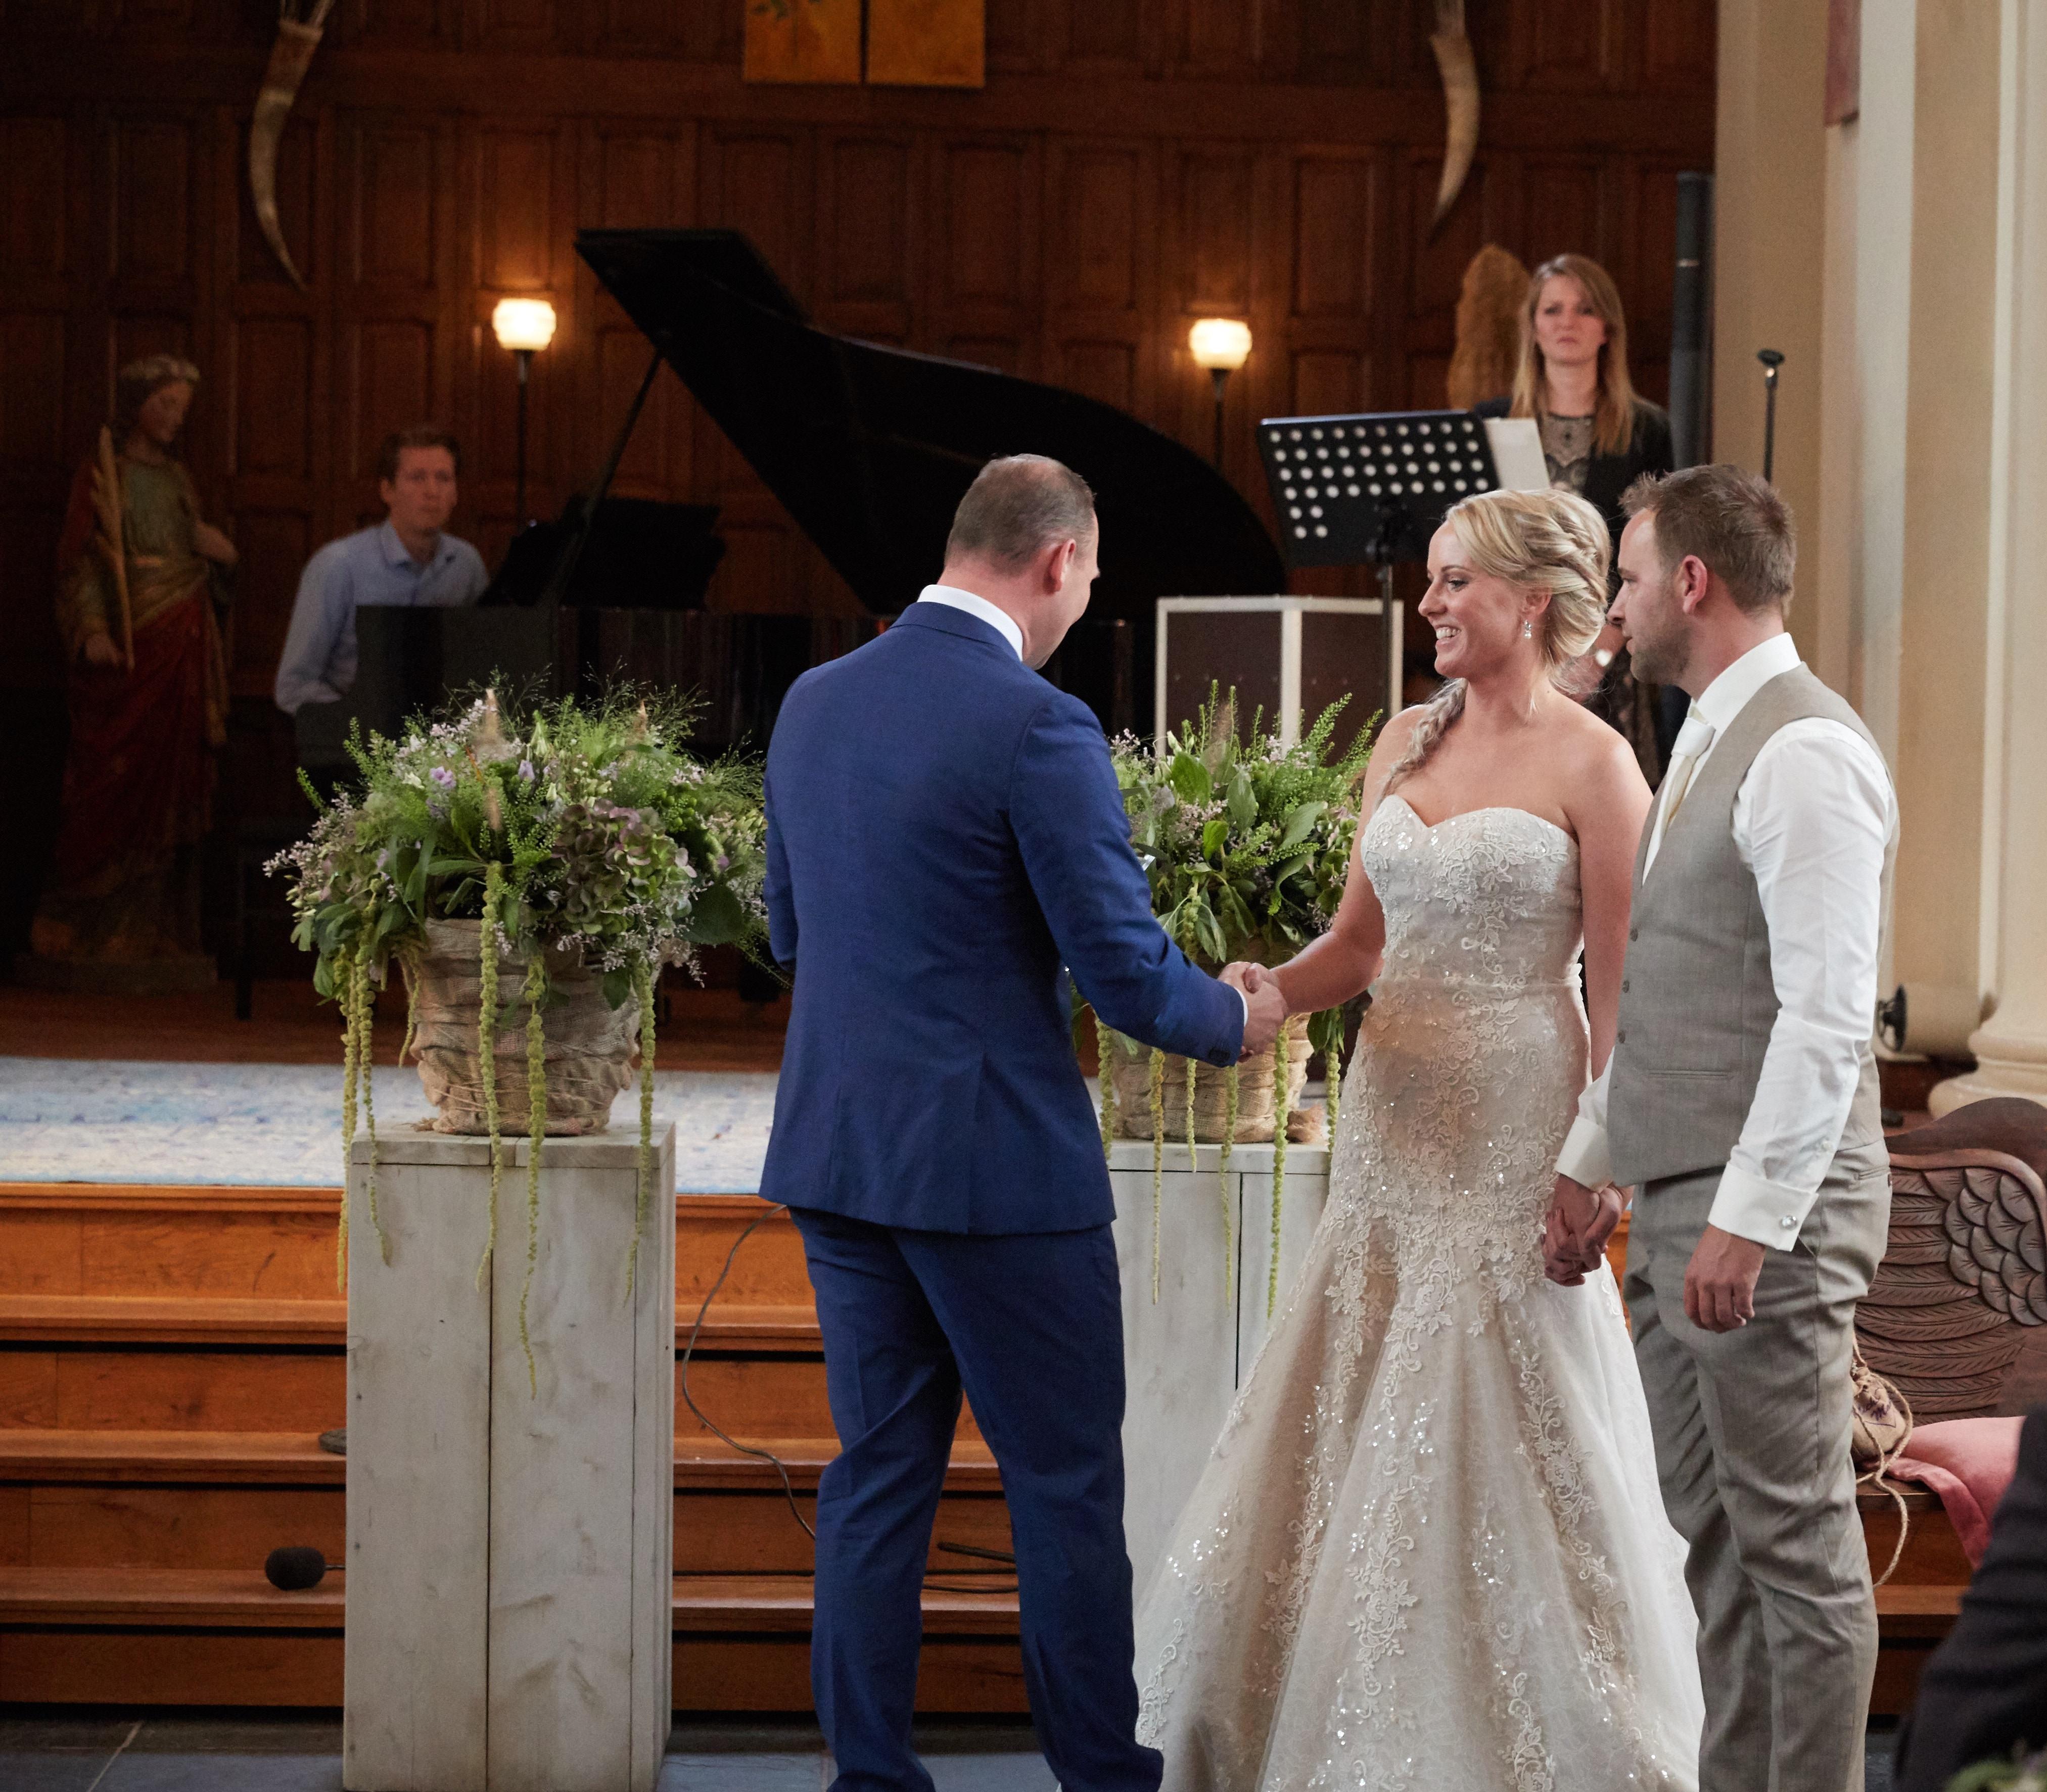 Live Ceremoniezangeres Huwelijks Ceremonie Zangeres